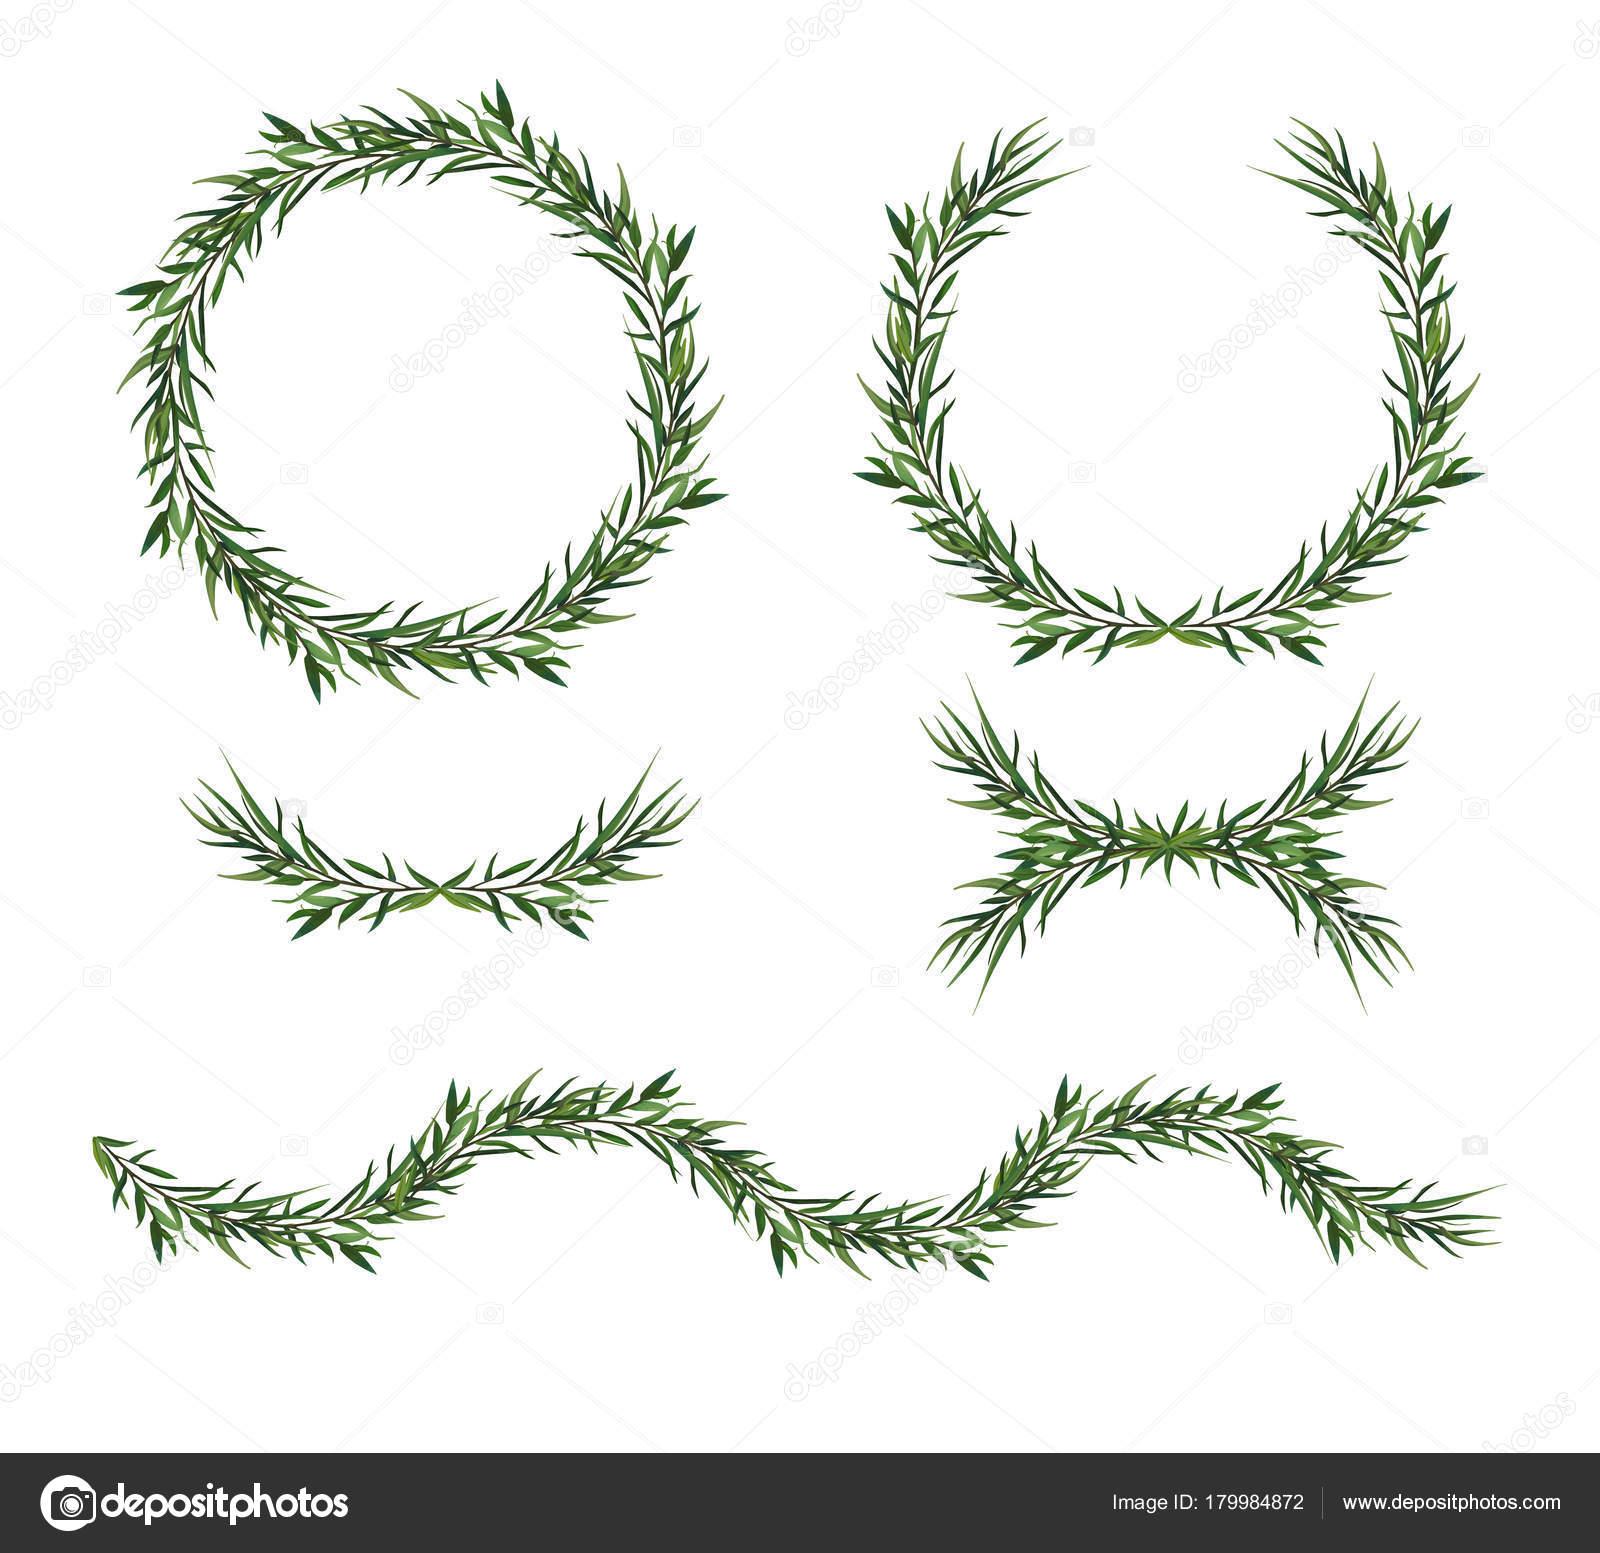 Vektor, dekorative große Elementsatz. Grüne Eukalyptusblätter Runde ...